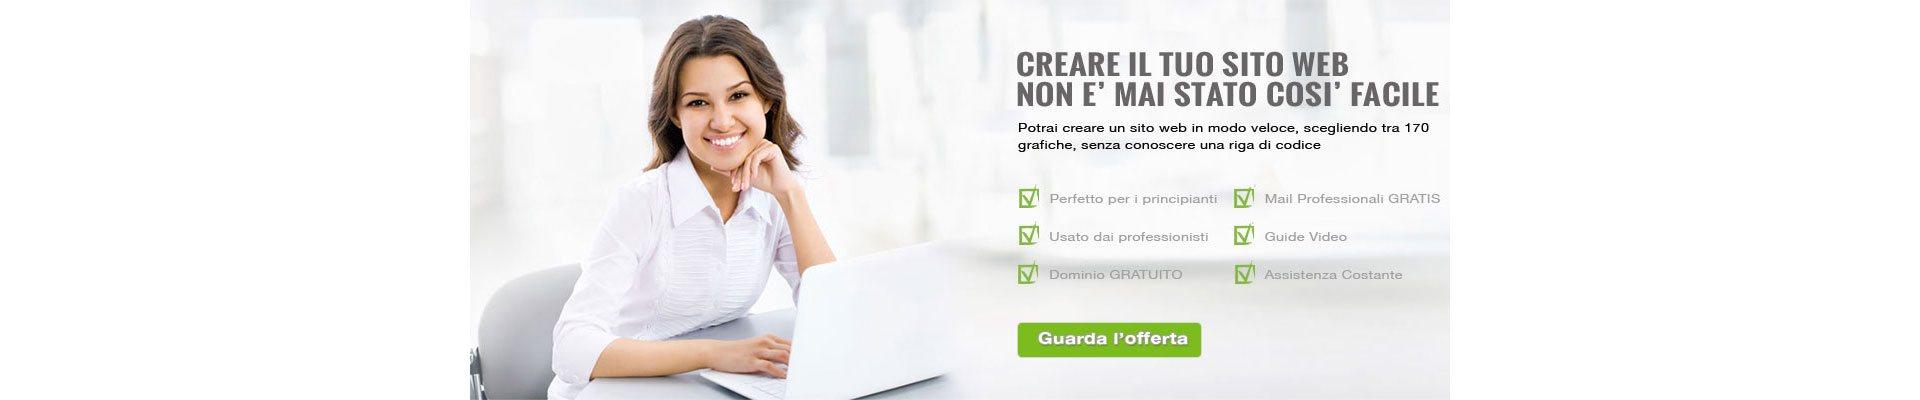 programma-creare-sito-web1-1